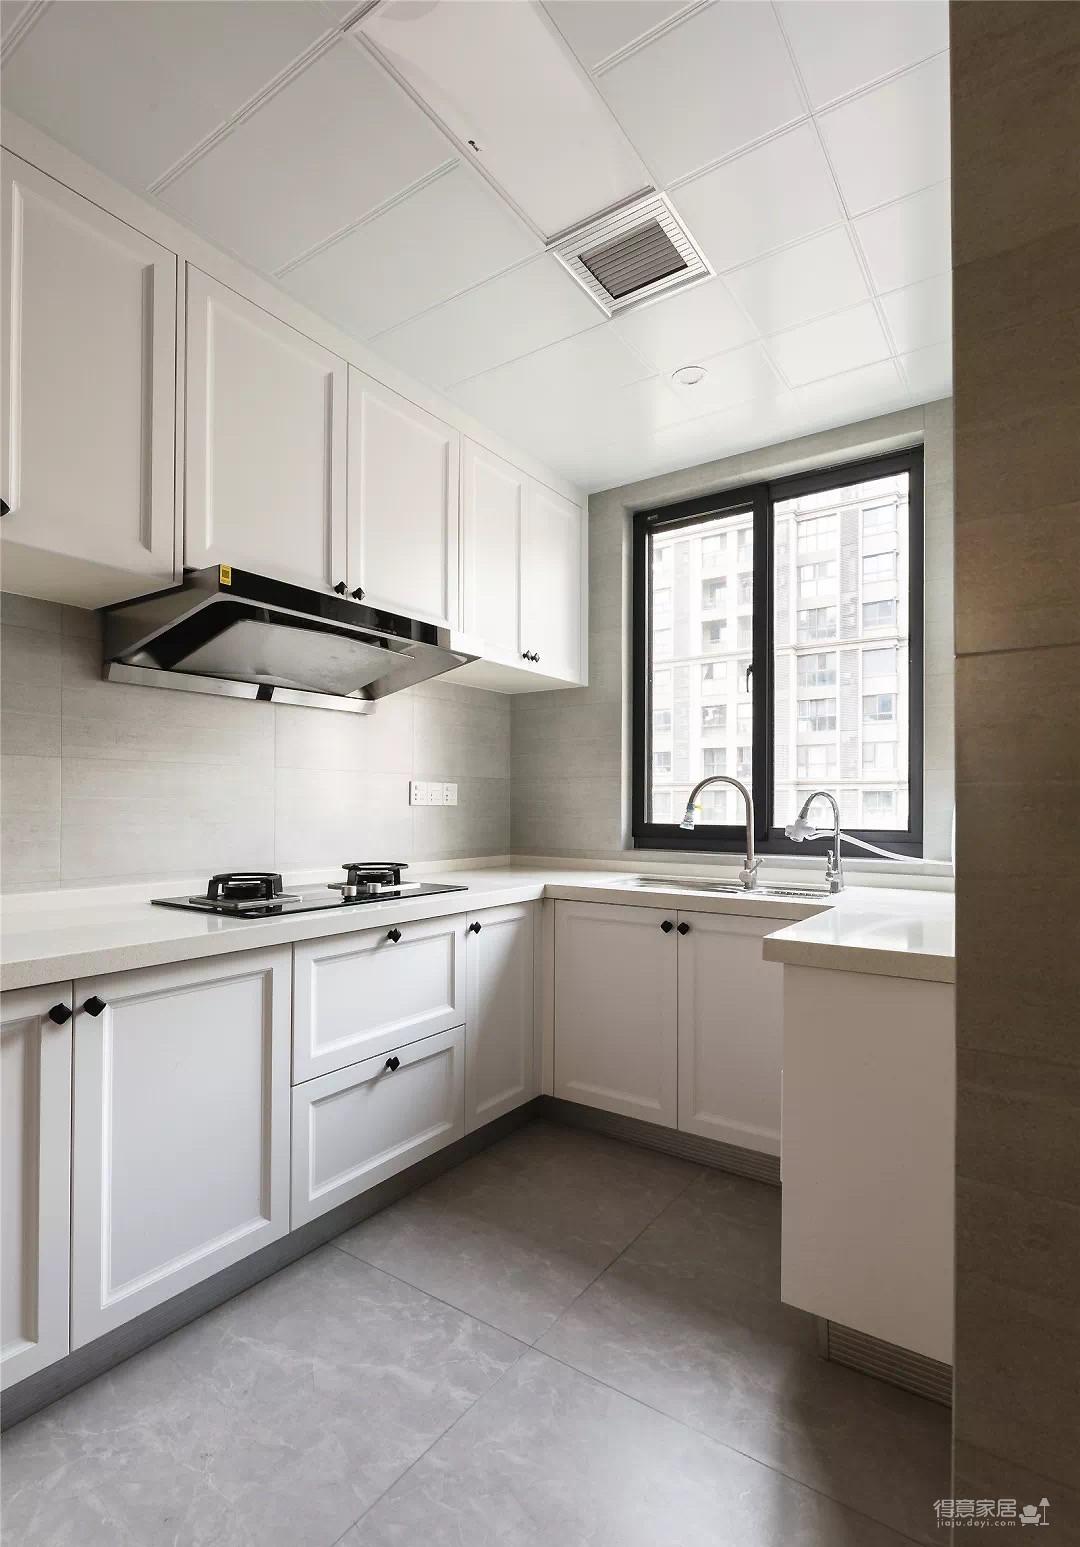 132㎡现代主义4室2厅,高级灰彰显优雅气质感